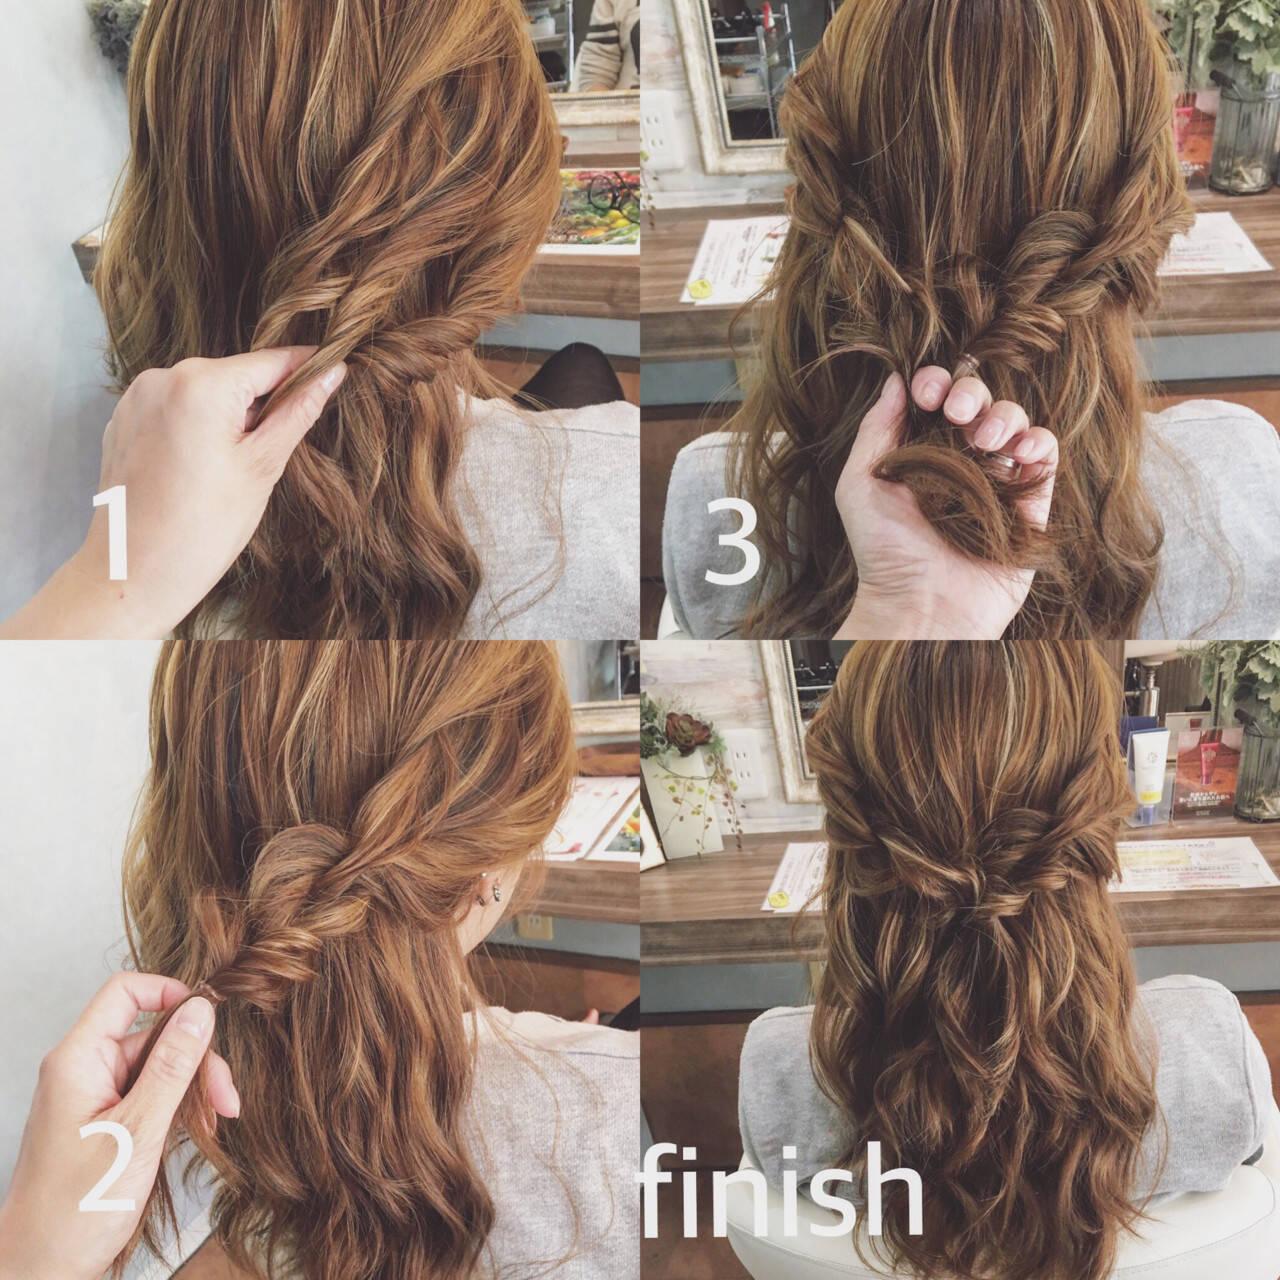 ハーフアップ ヘアアレンジ セミロング ハイライトヘアスタイルや髪型の写真・画像